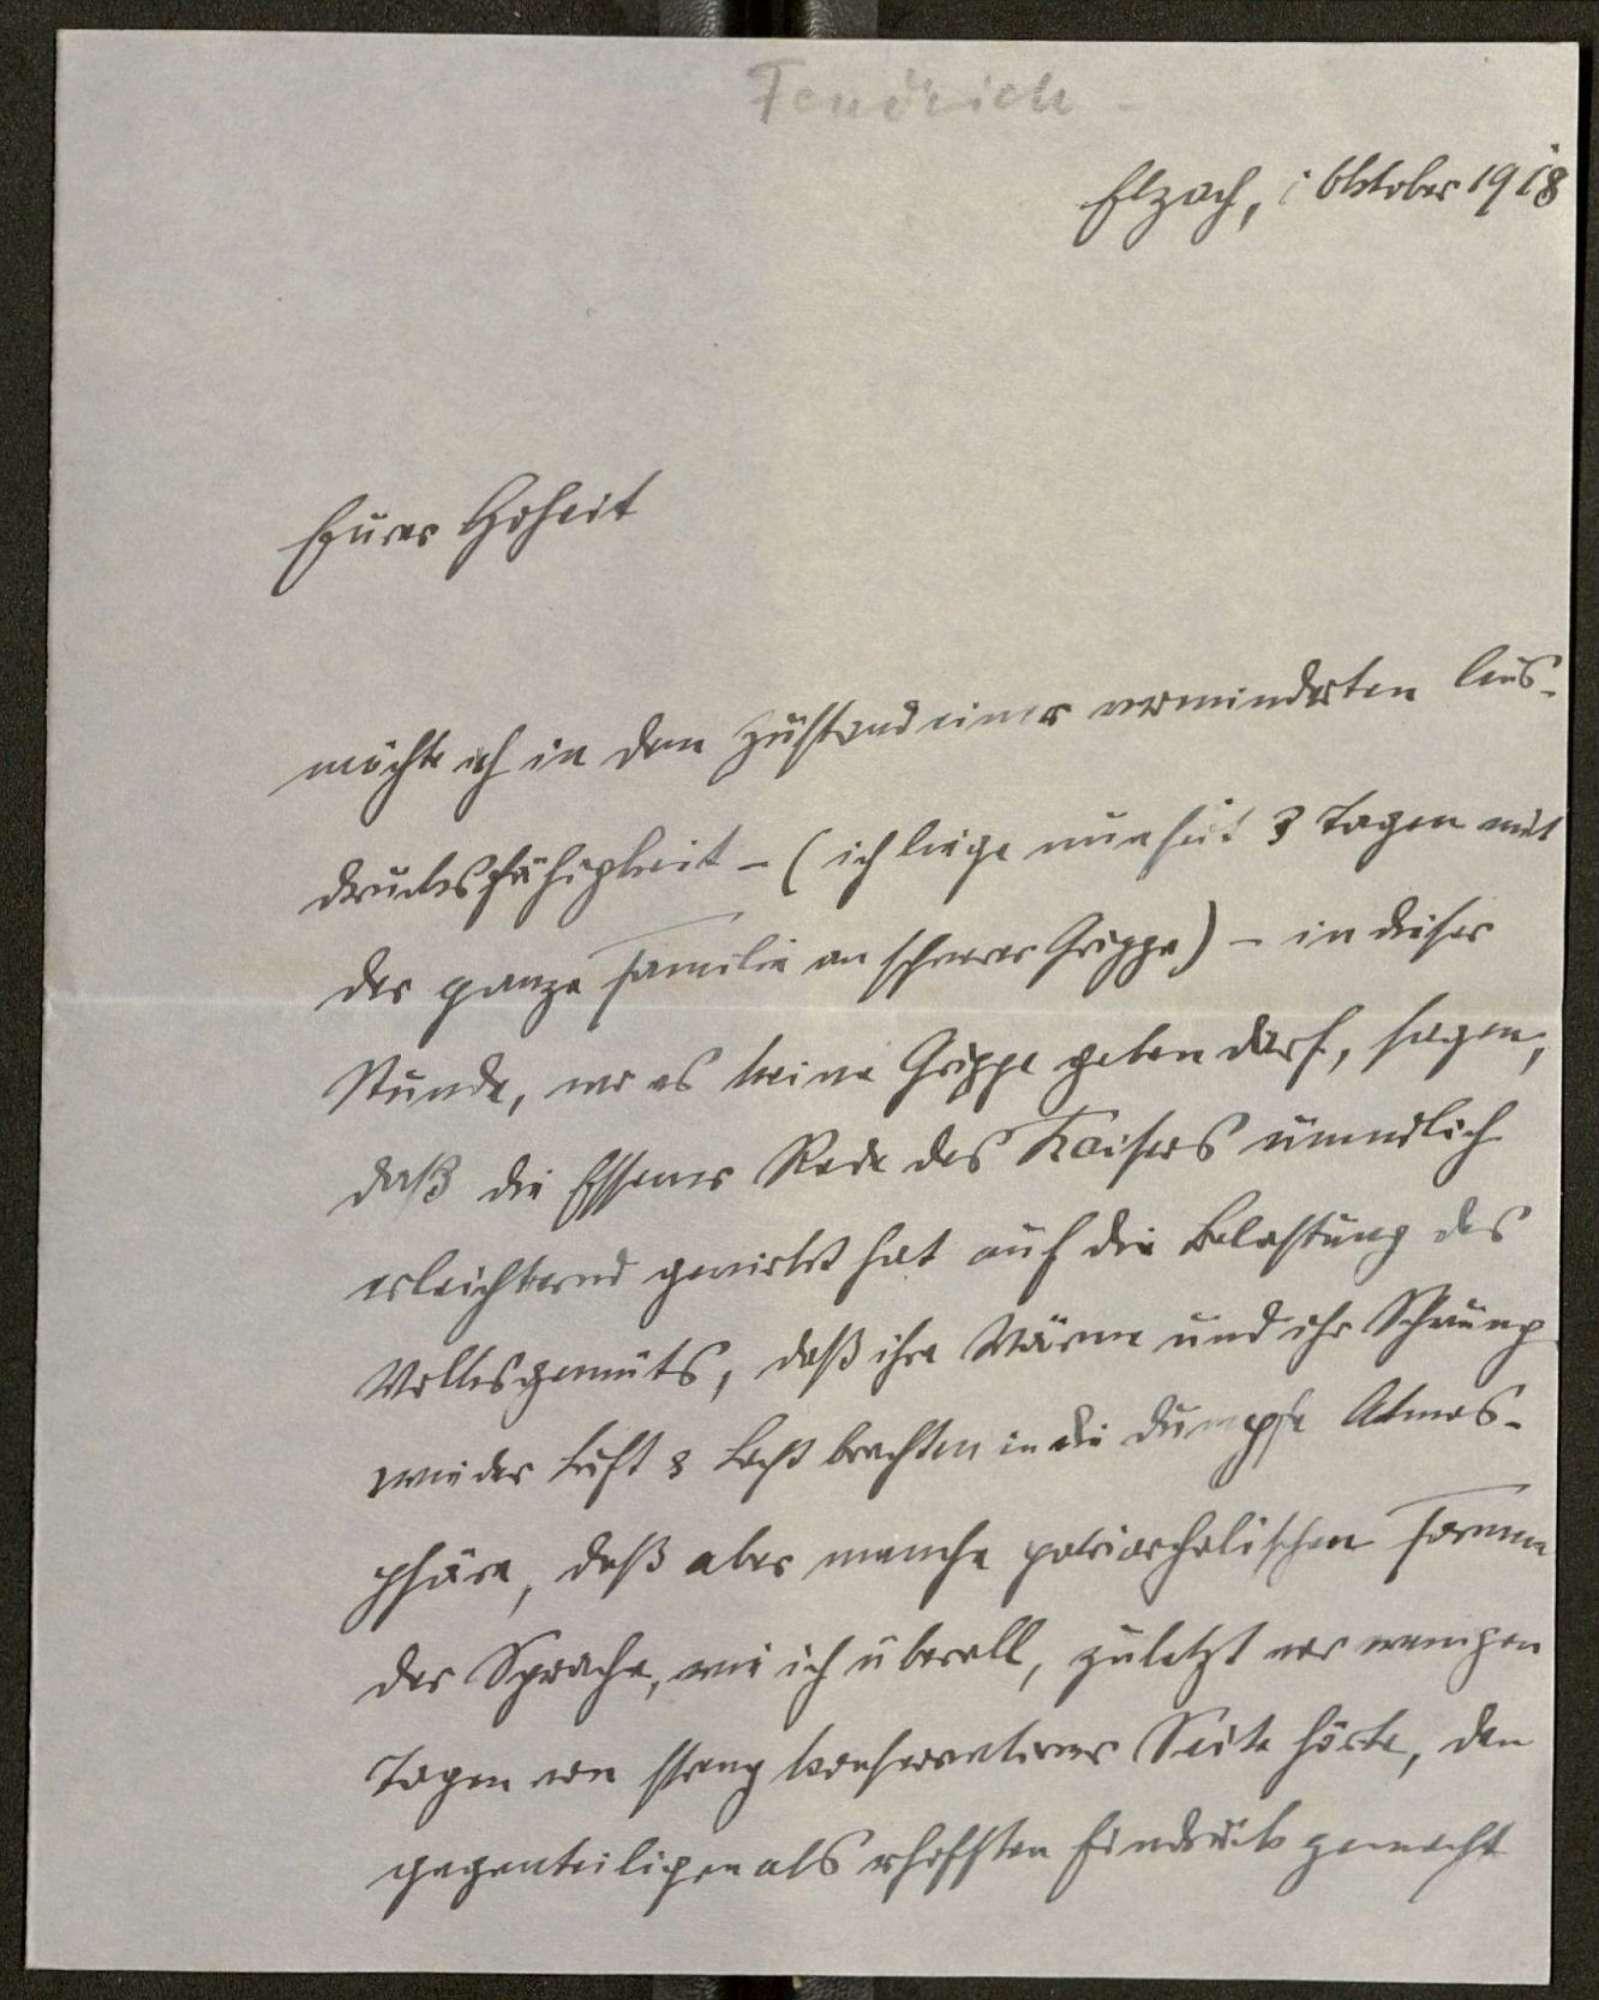 Schreiben von Anton Fendrich an Prinz Max von Baden; Regierungsbeteiligung Friedrich Eberts, Bild 1